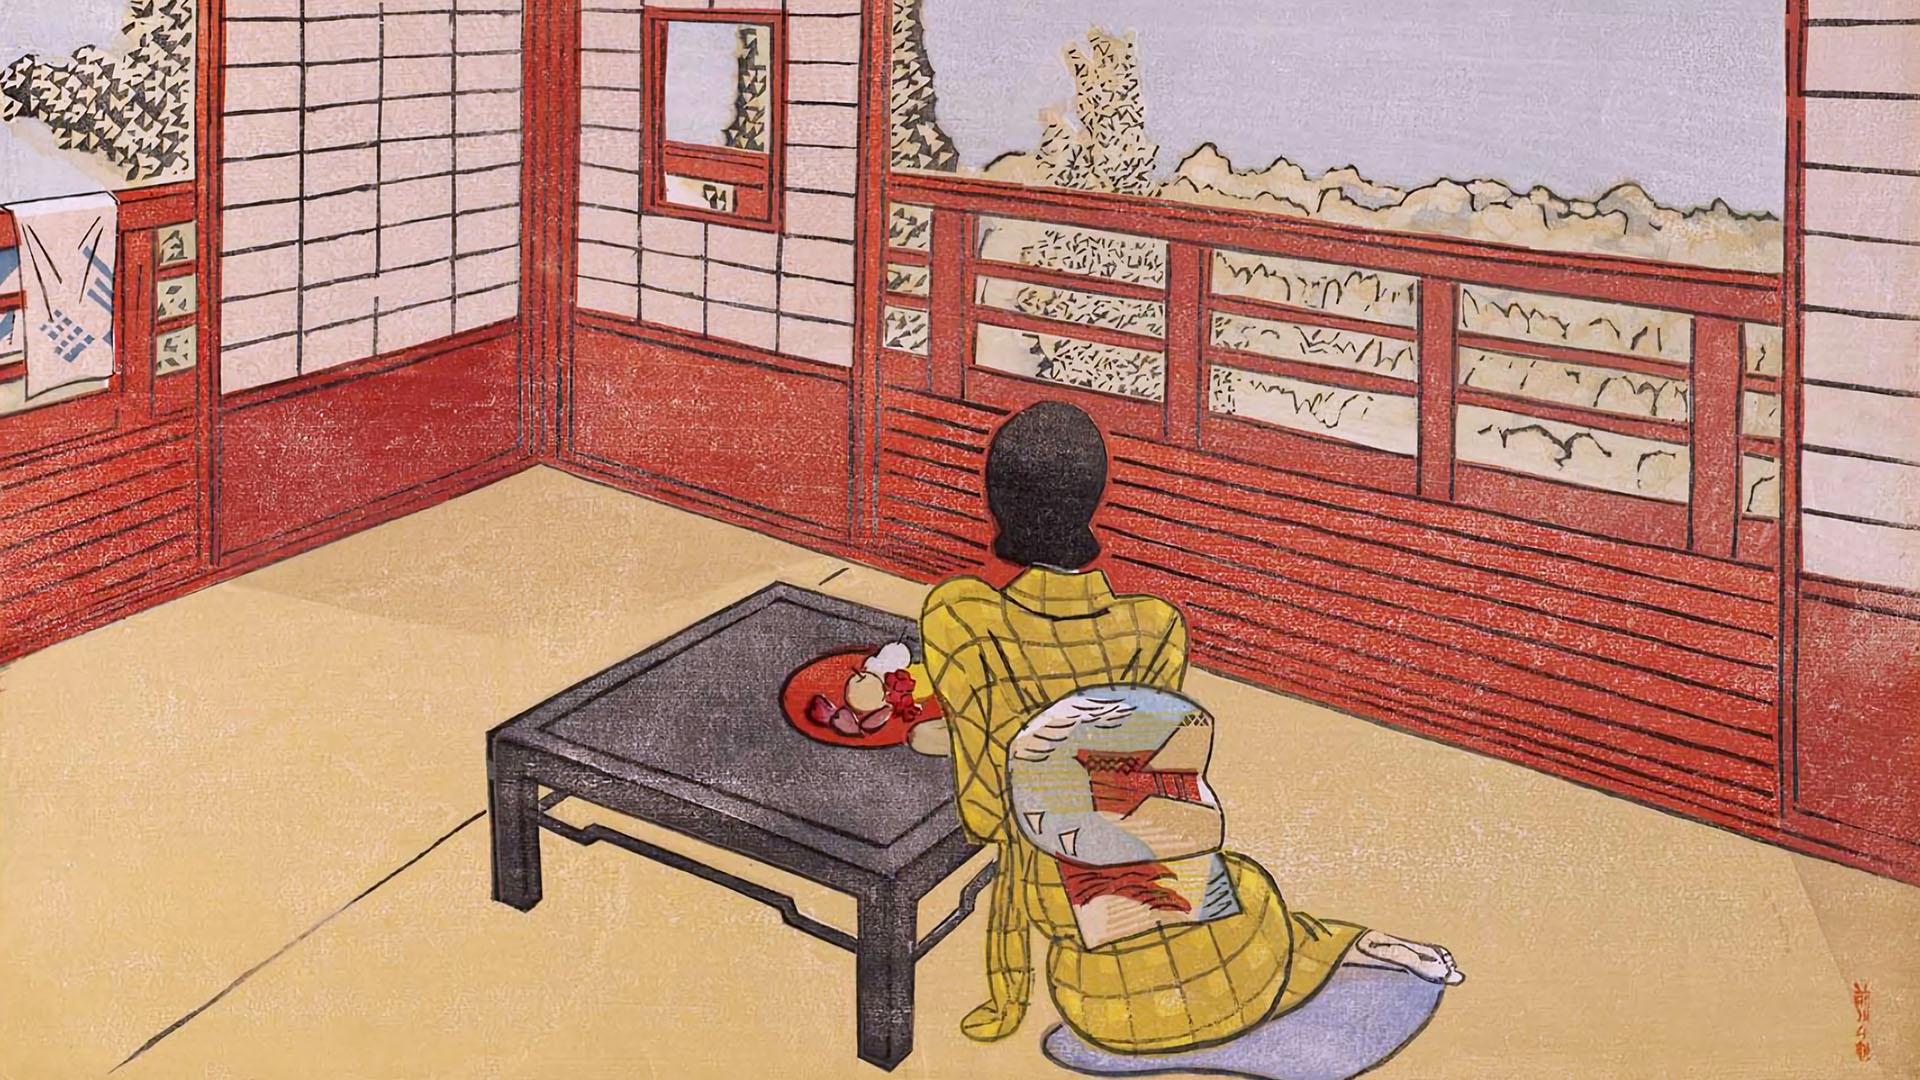 Maekawa Senpan - Umi no mieru yado 1920x1080